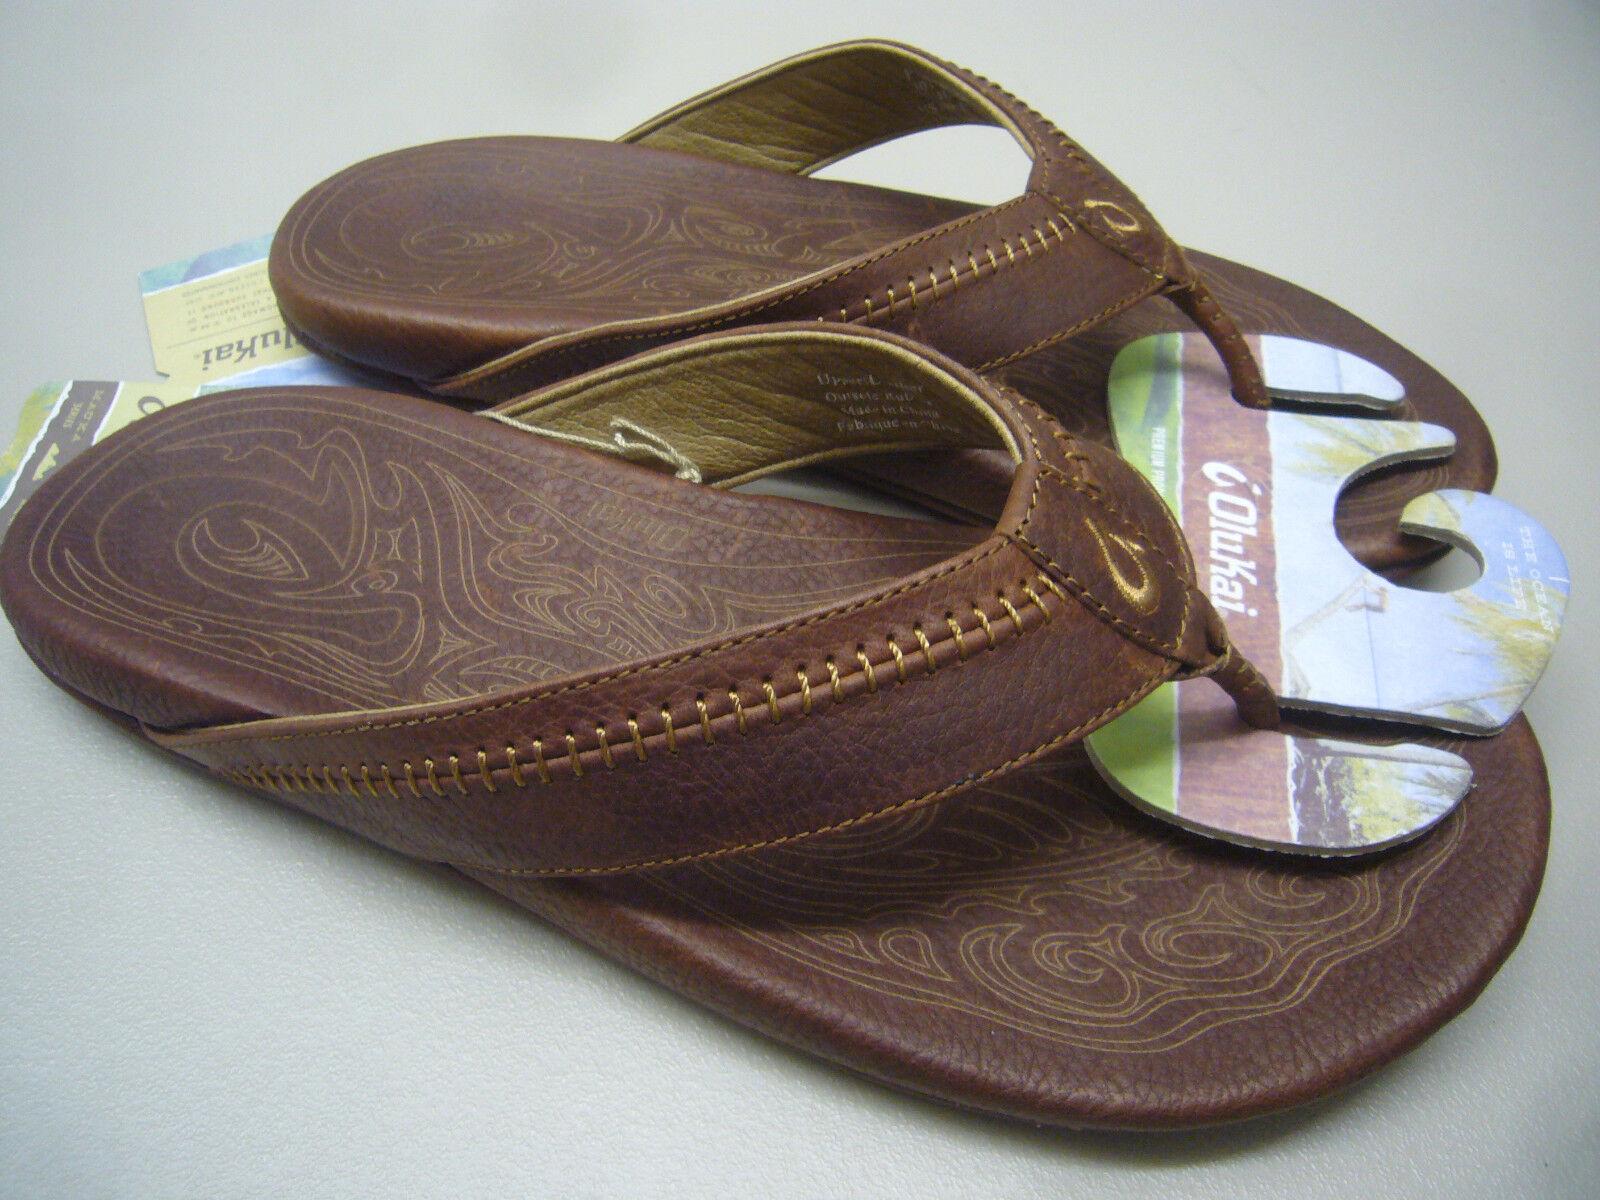 Sandali e scarpe per il mare da uomo OLUKAI uomoS SANDALS HIAPO TEAK SIZE 8